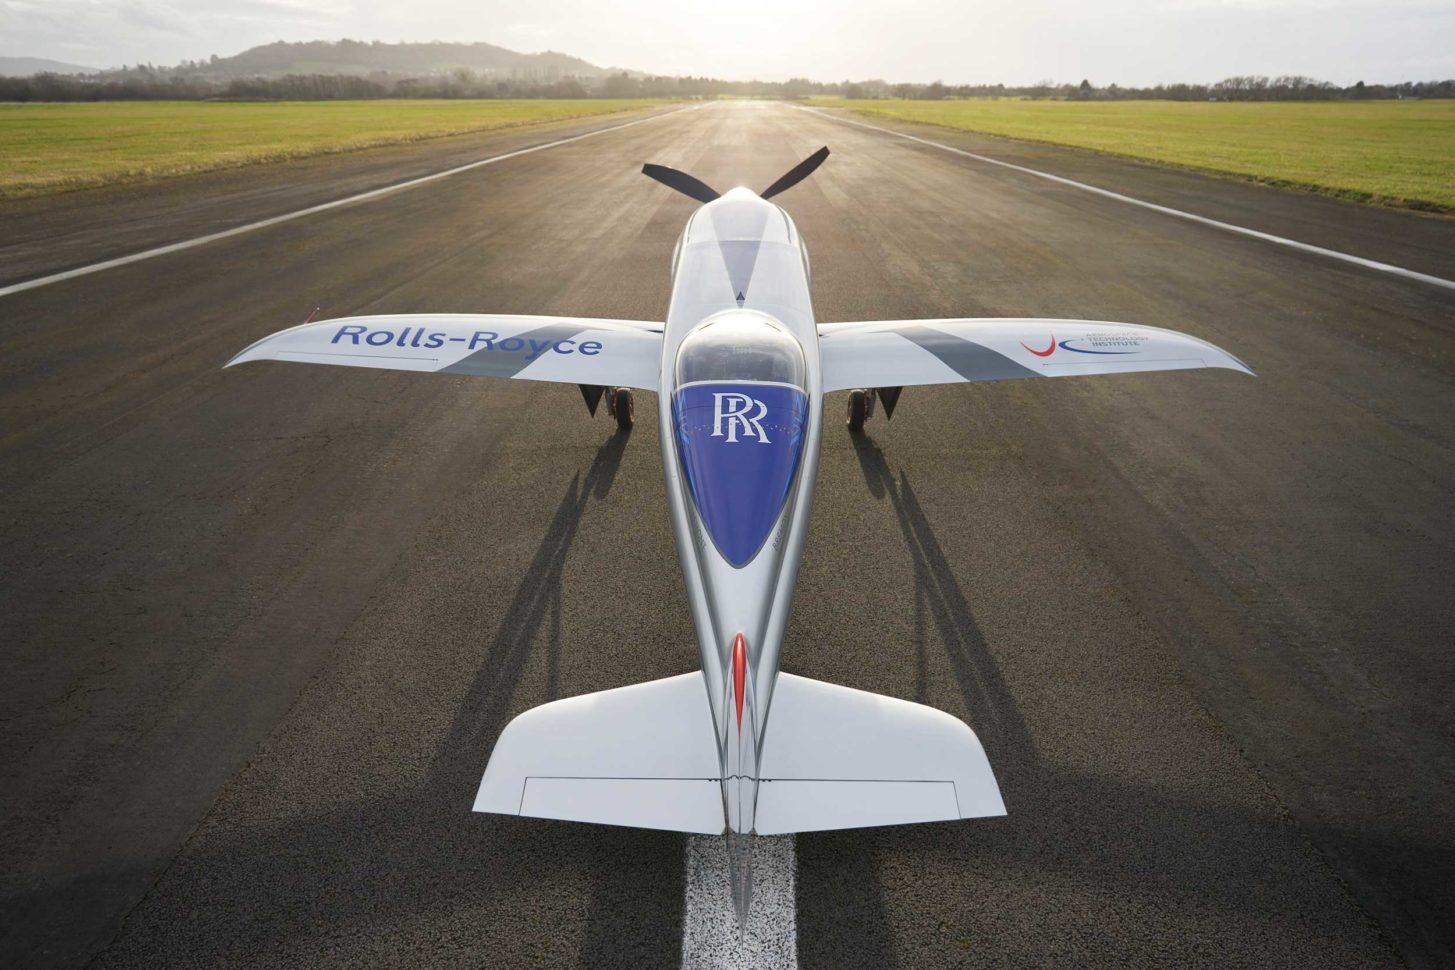 Elektroflug-Racer von Rolls-Royce absolviert Rolltests